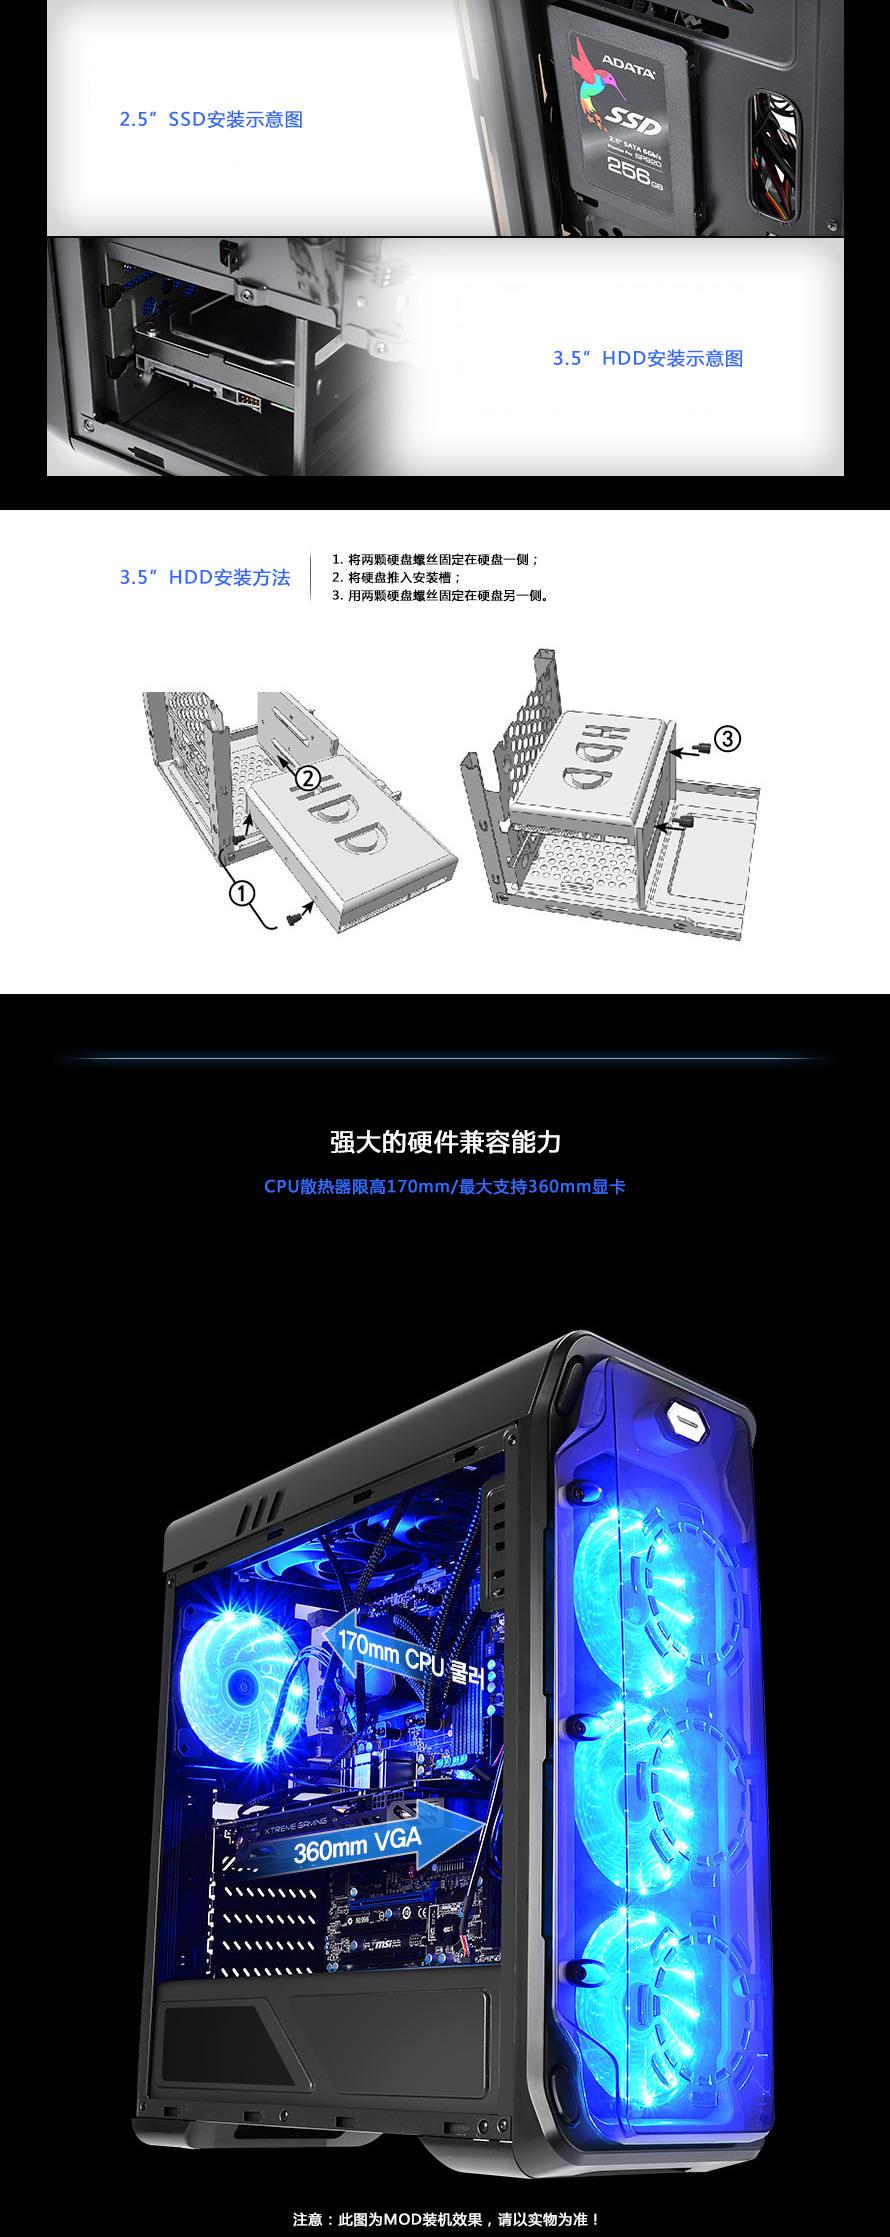 9509-黑色-15灯蓝色详情页中文_08.jpg